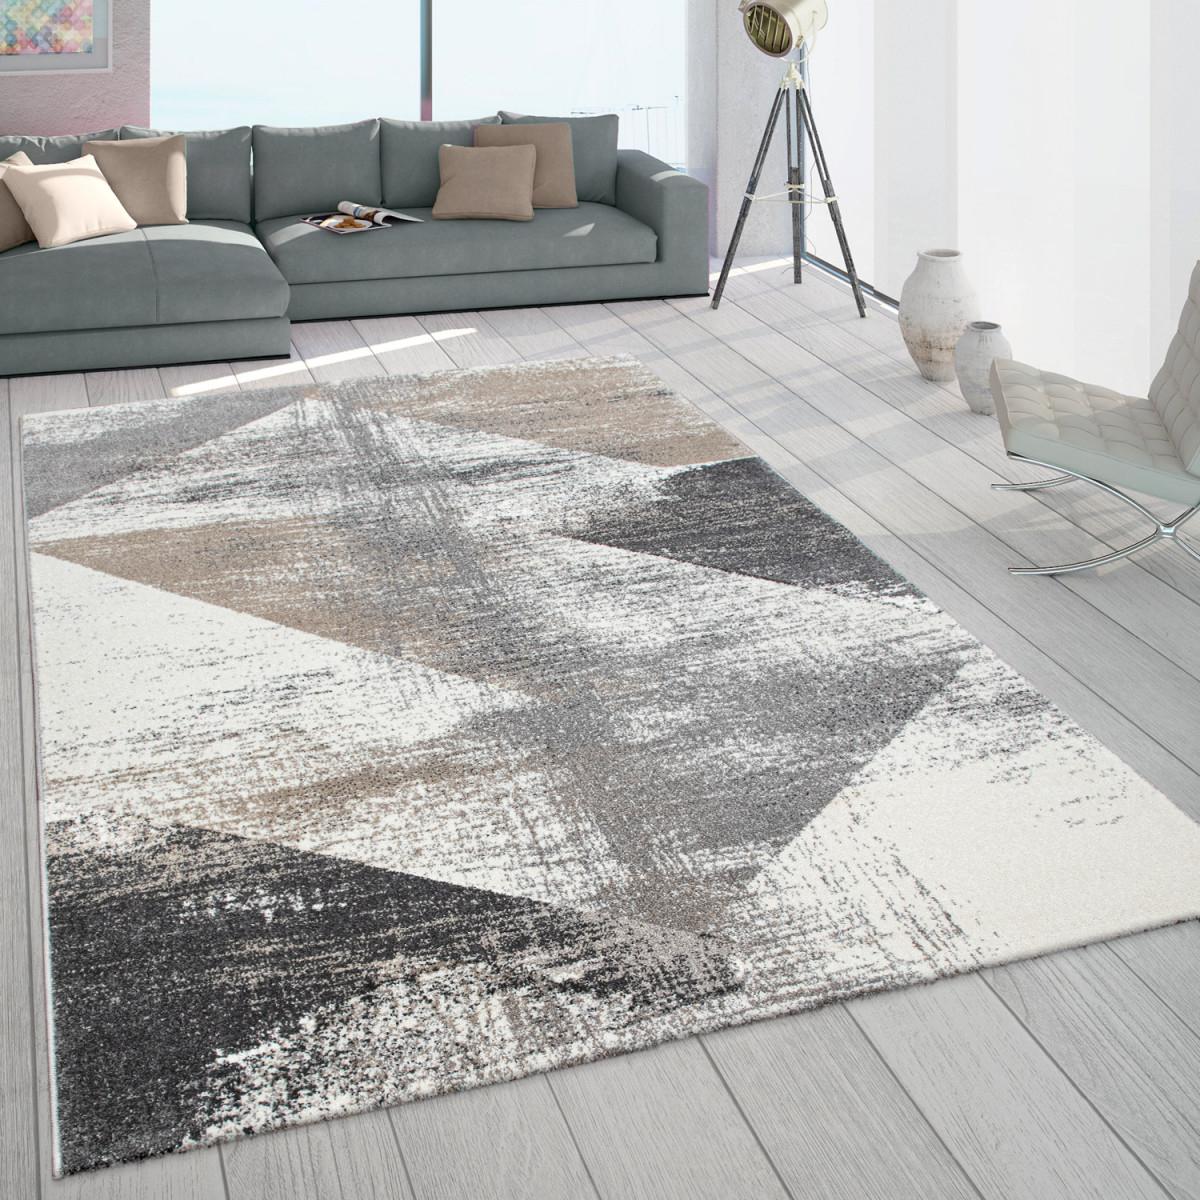 Teppich Wohnzimmer Kurzflor Vintage Design Abstraktes Muster Pastell Grau  Beige von Teppich Im Wohnzimmer Bild